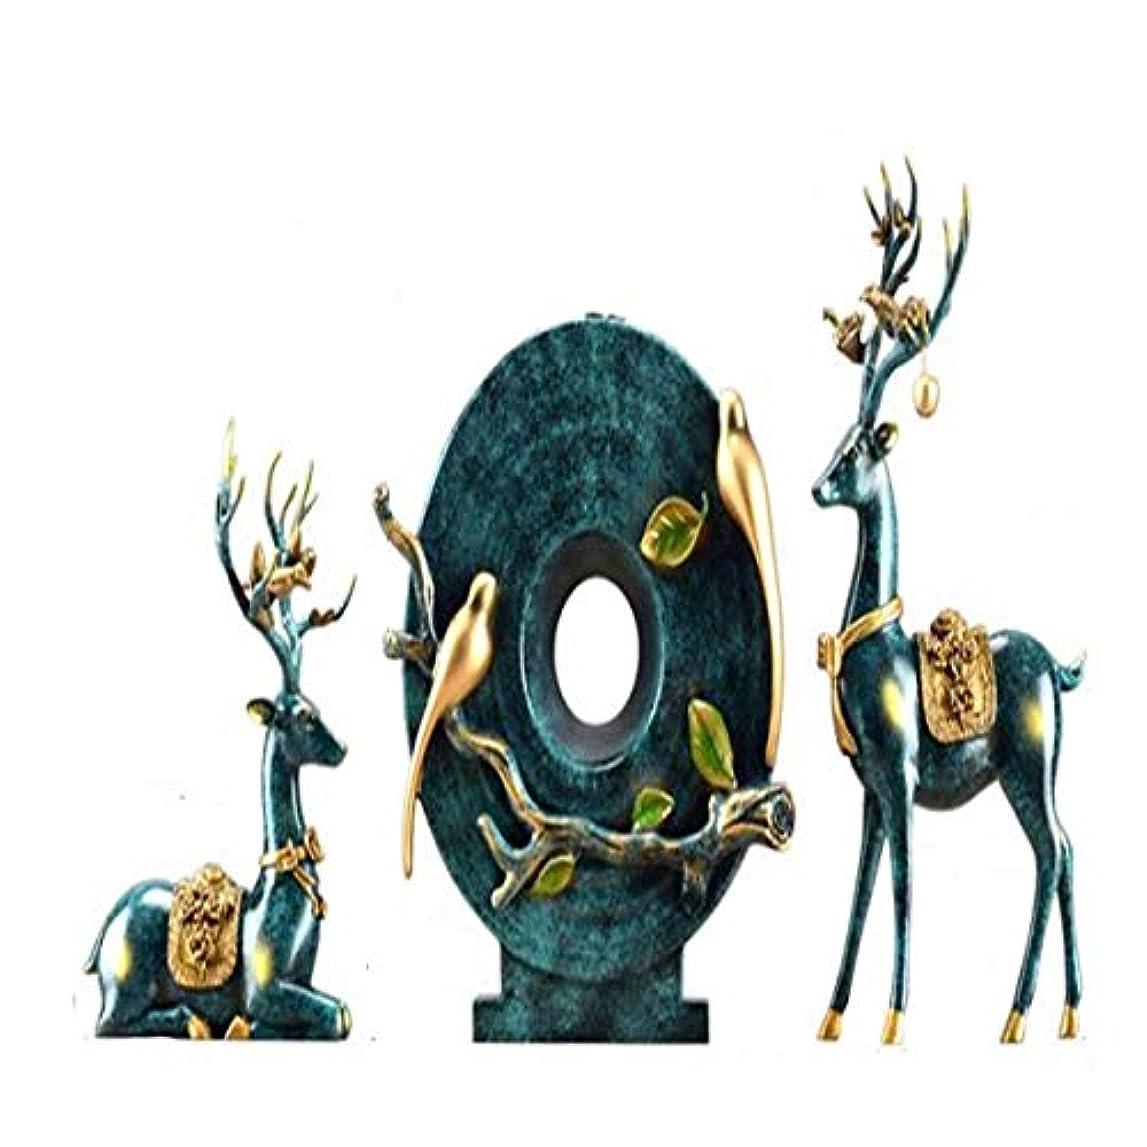 昨日丈夫過半数Jingfengtongxun クリエイティブアメリカン鹿の装飾品花瓶リビングルーム新しい家の結婚式のギフトワインキャビネットテレビキャビネットホームソフト装飾家具,スタイリッシュなホリデーギフト (Color : A)